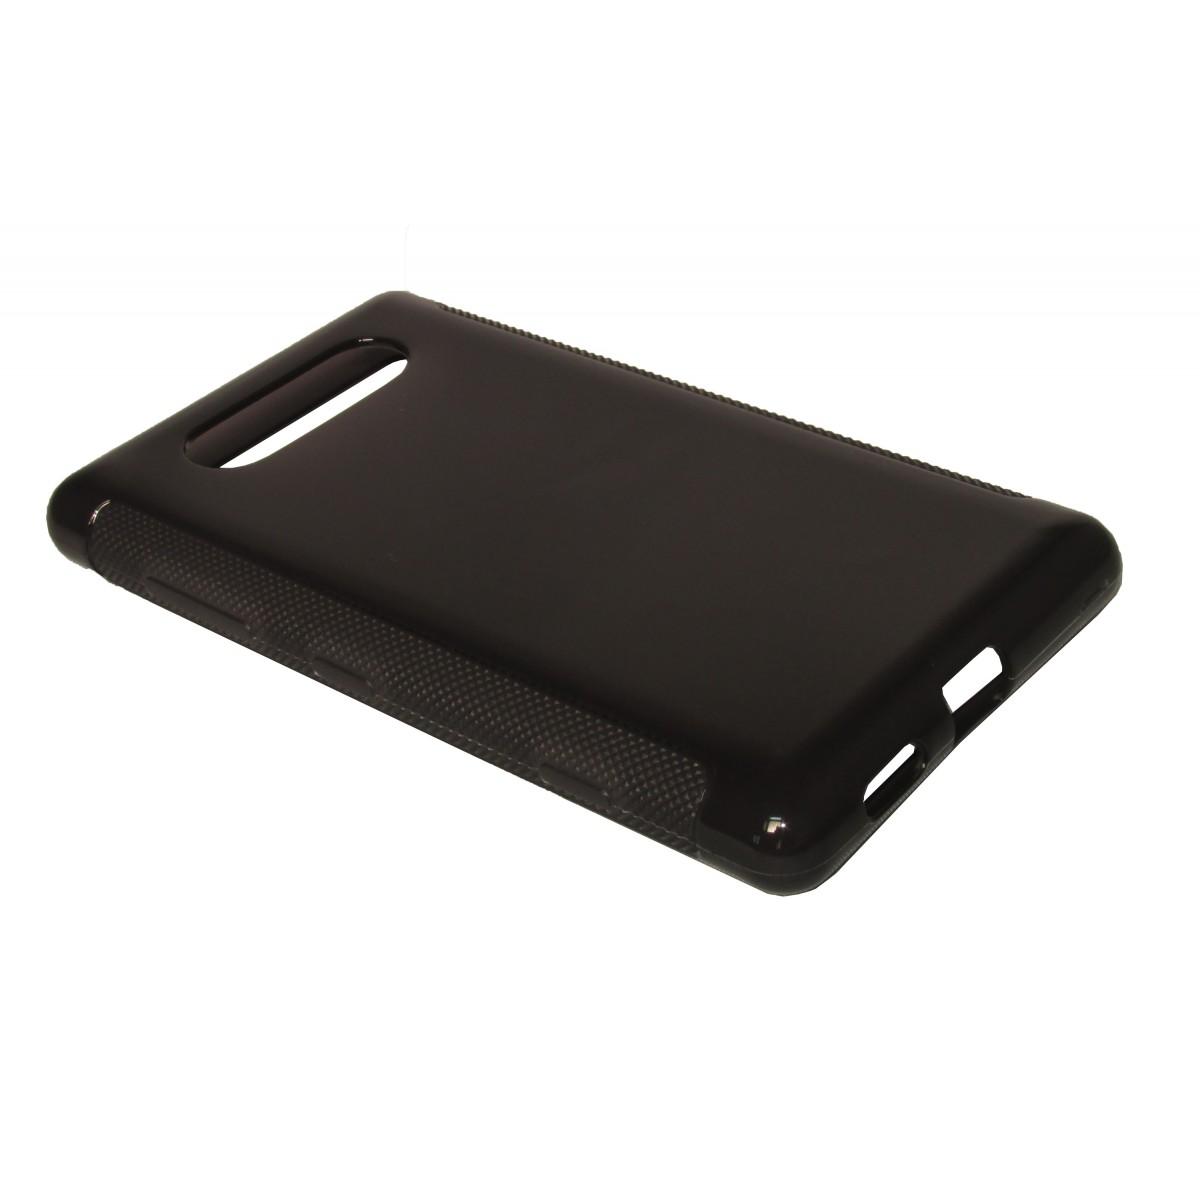 Capa TPU Grafite Nokia Lumia 820 N820 + Película Flexível